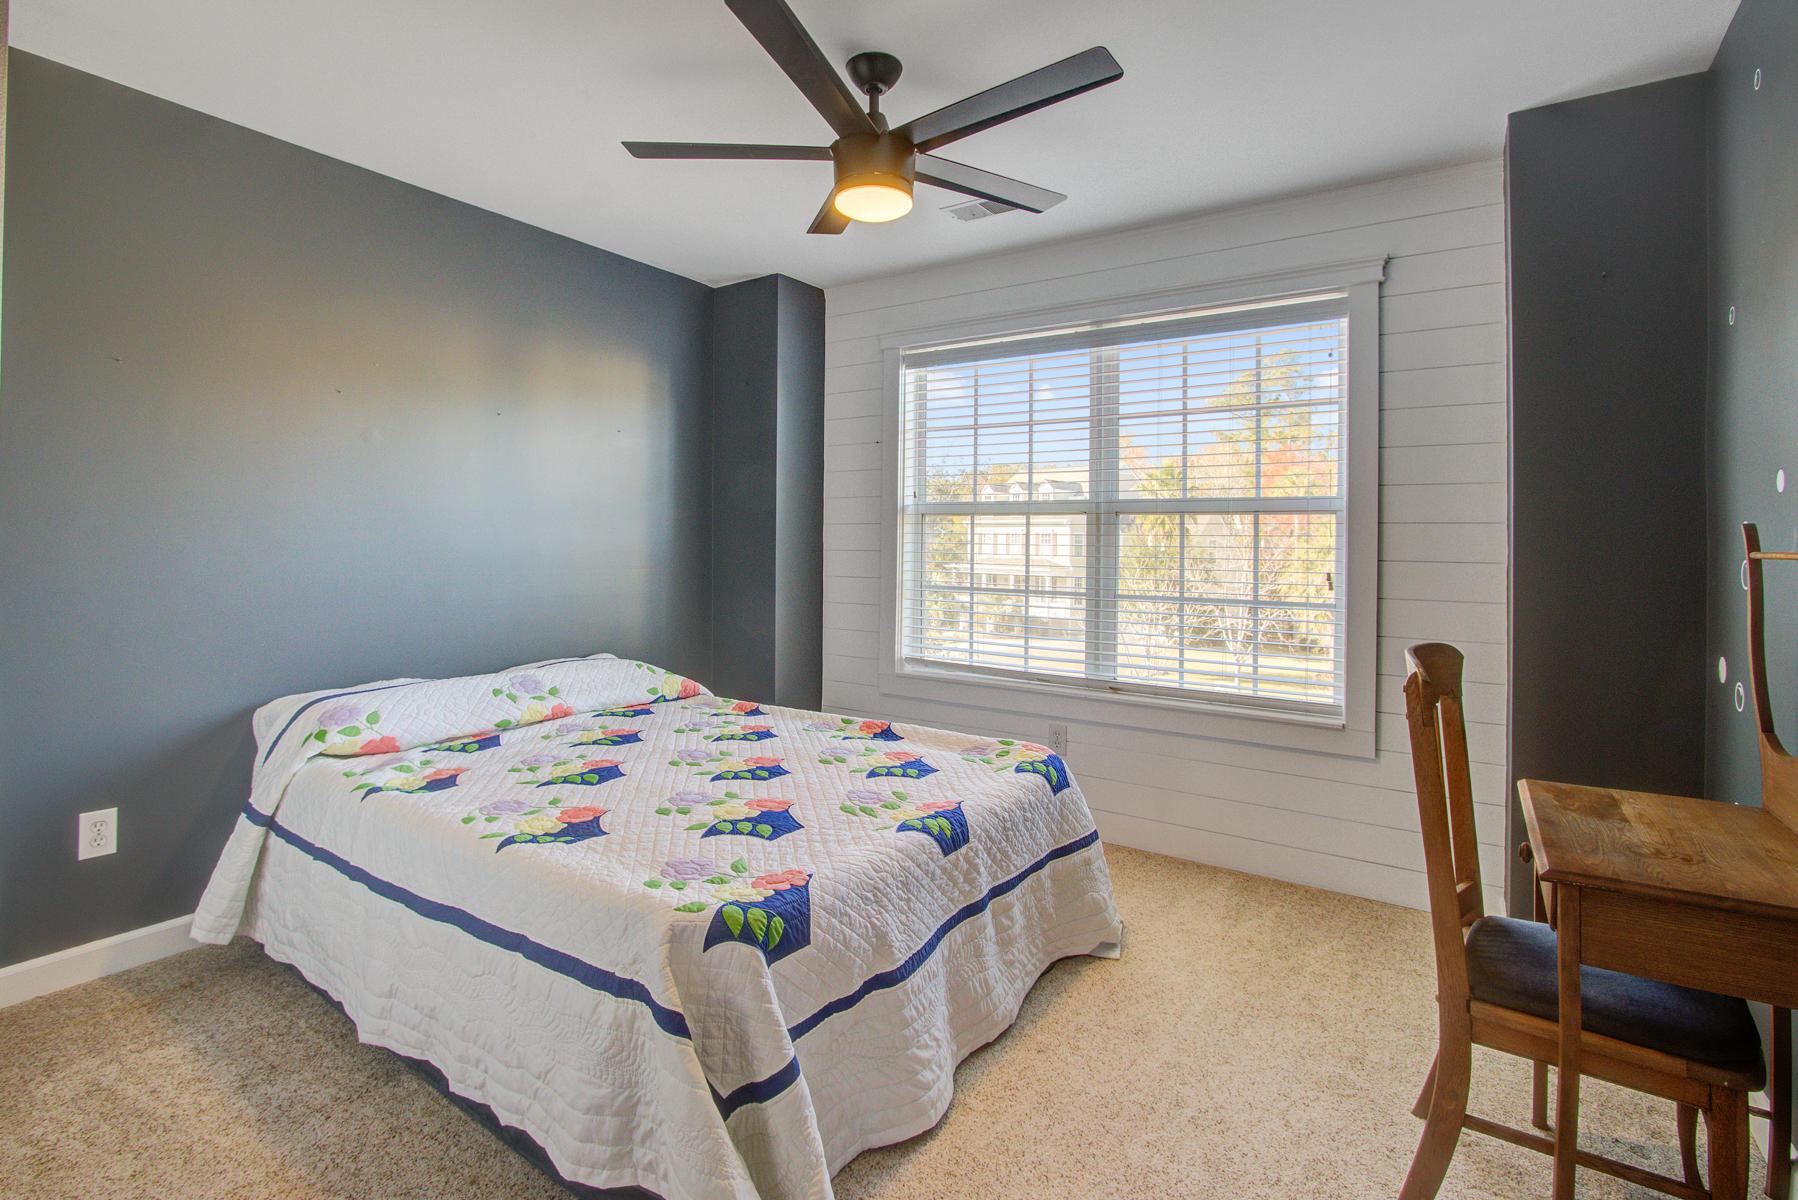 Dunes West Homes For Sale - 2104 Short Grass, Mount Pleasant, SC - 20